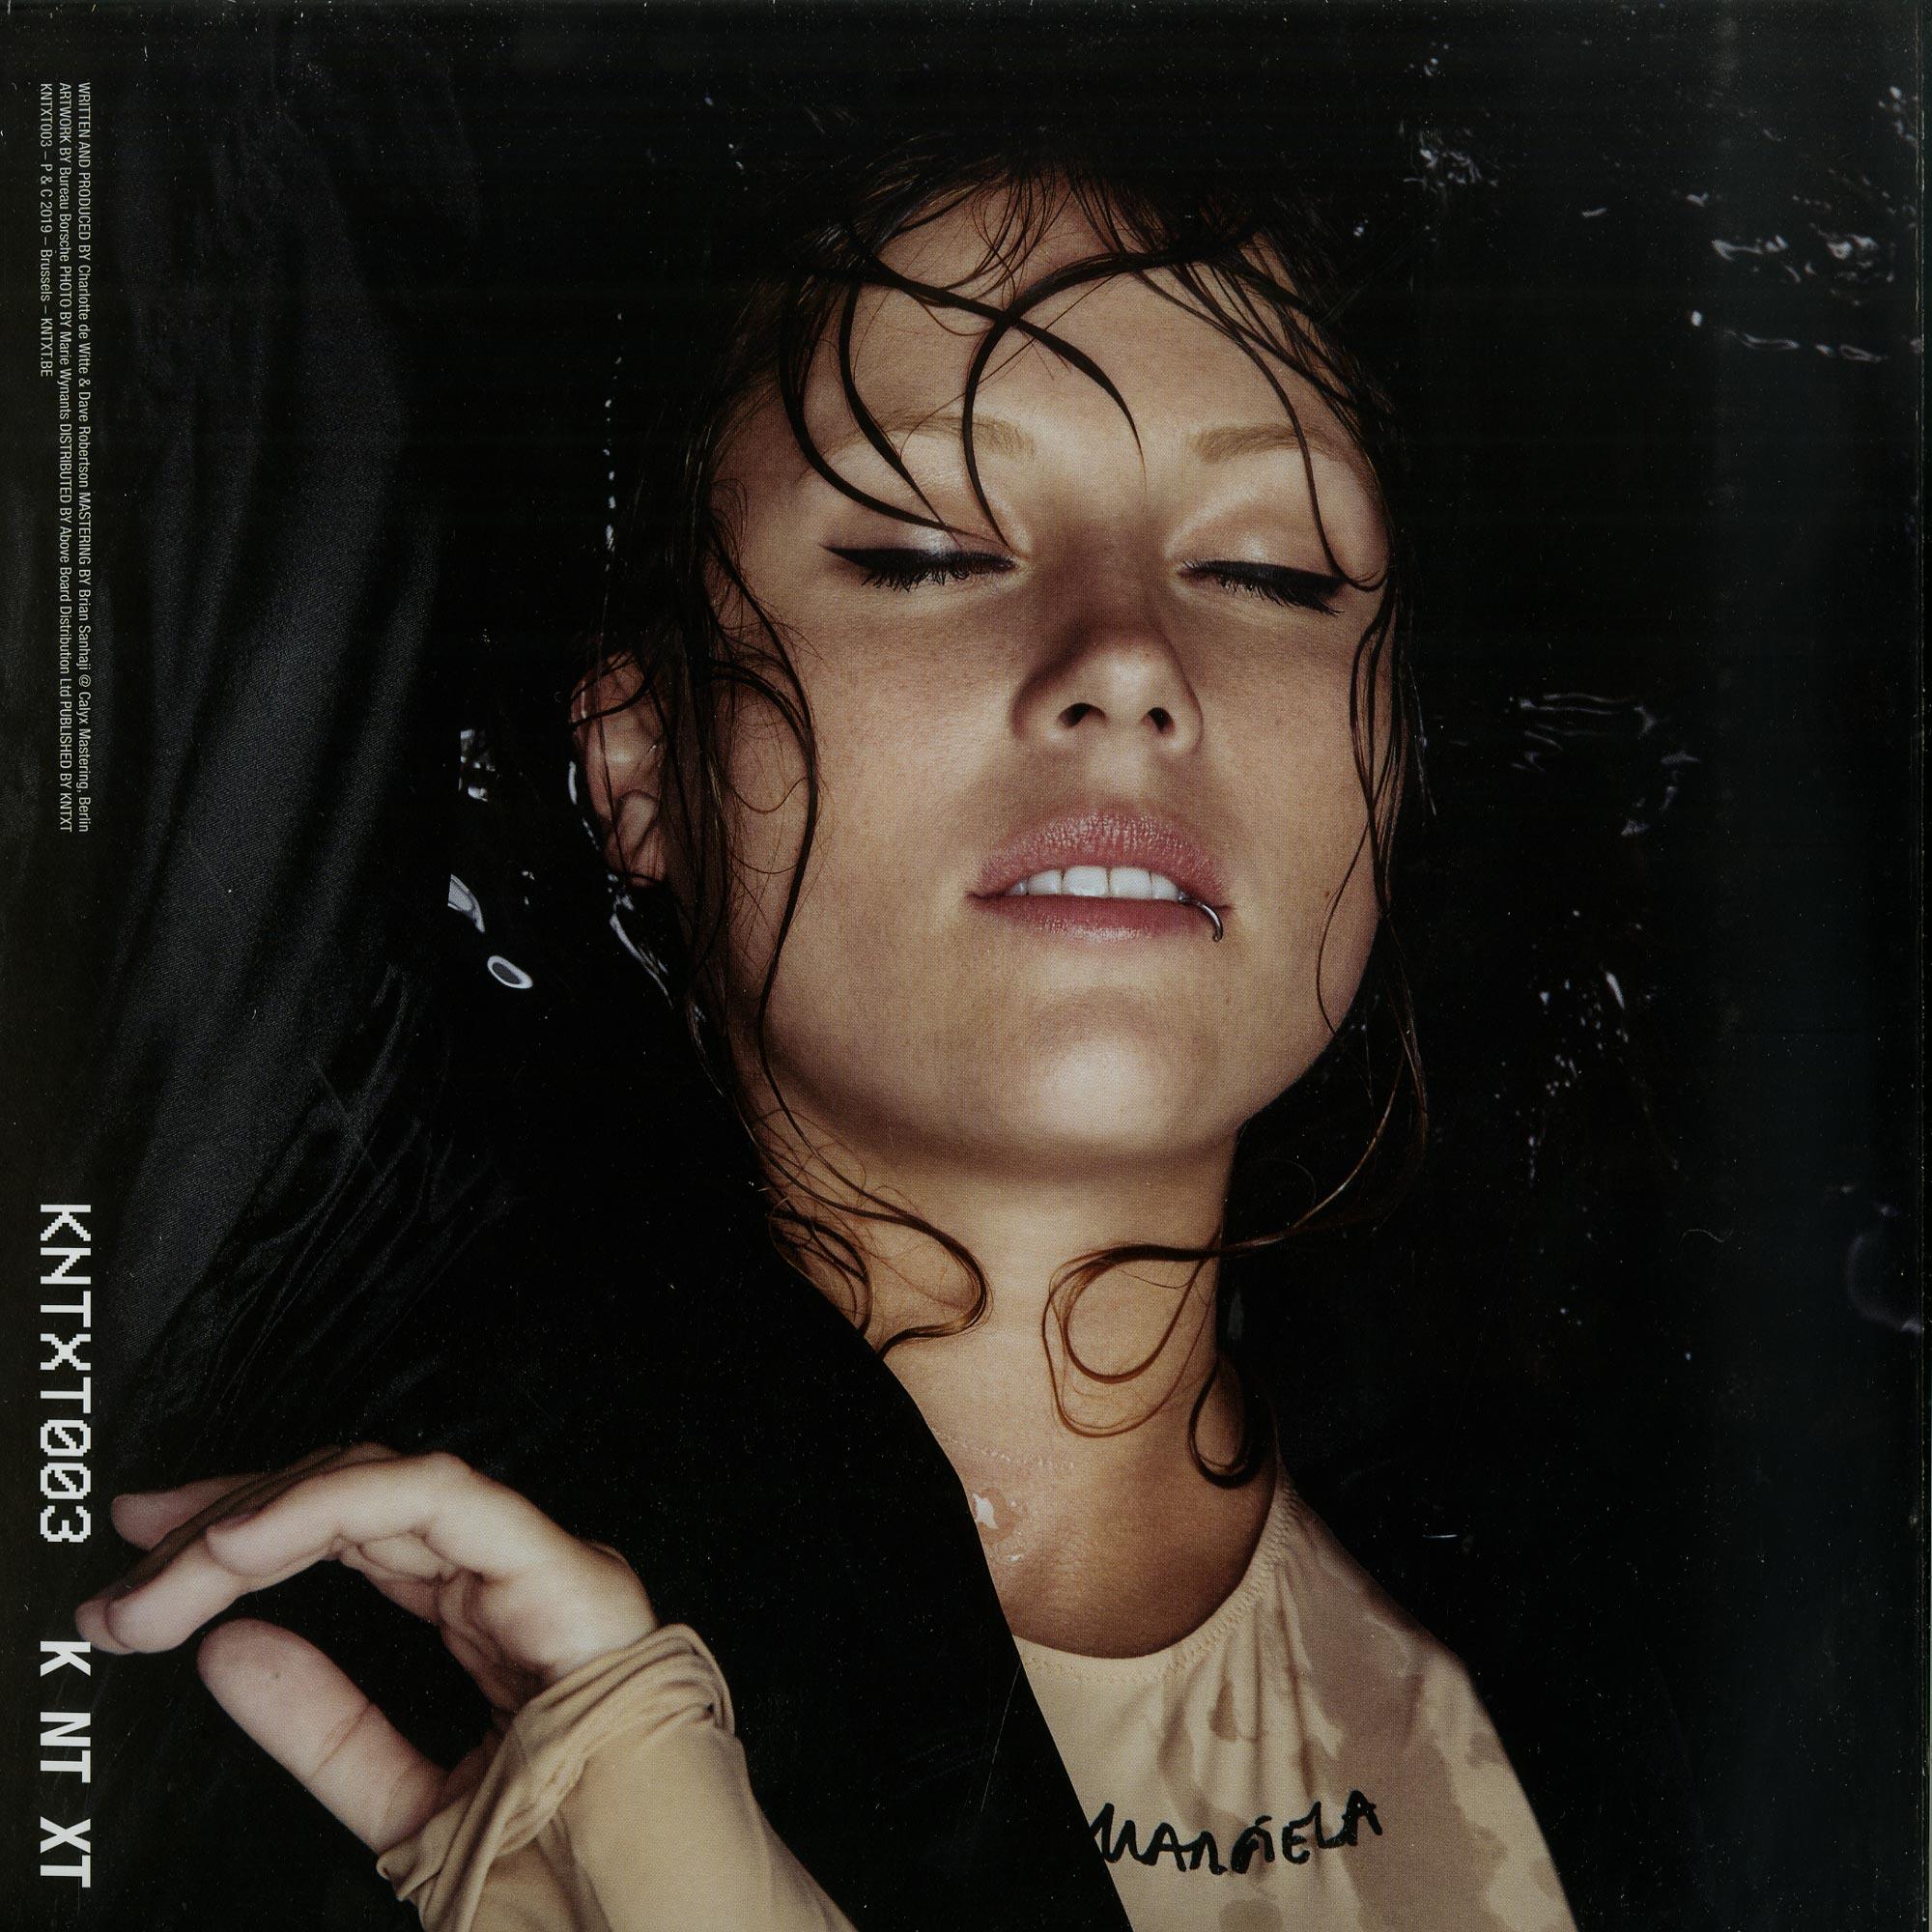 Charlotte de Witte - PRESSURE EP